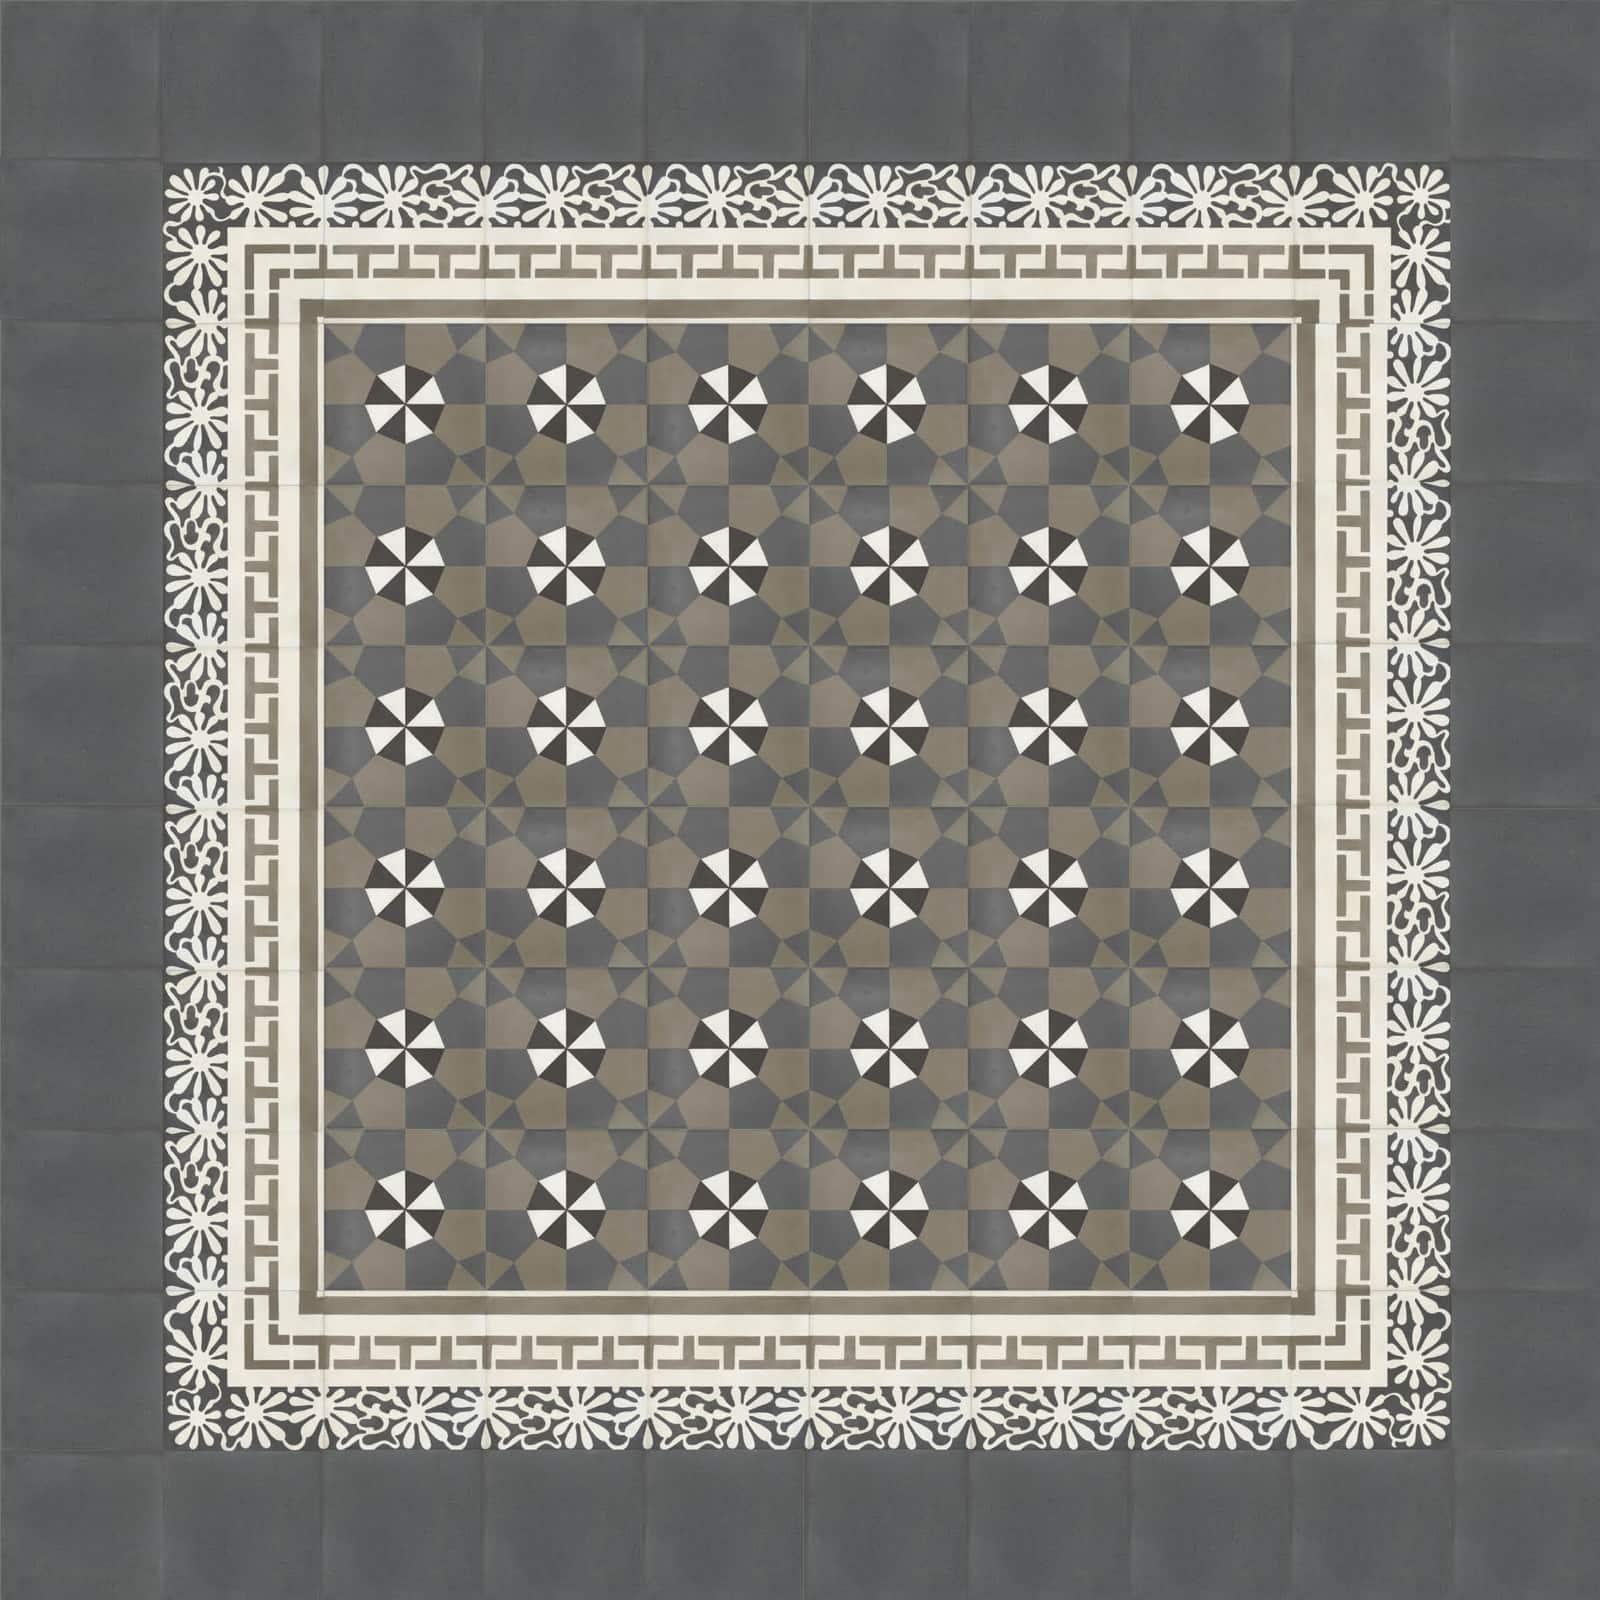 zementfliesen-terrazzofliesen-kreidefarbe-terrazzo-fugenlos-viaplatten-13660-23061-61-verlegemuster | 13660